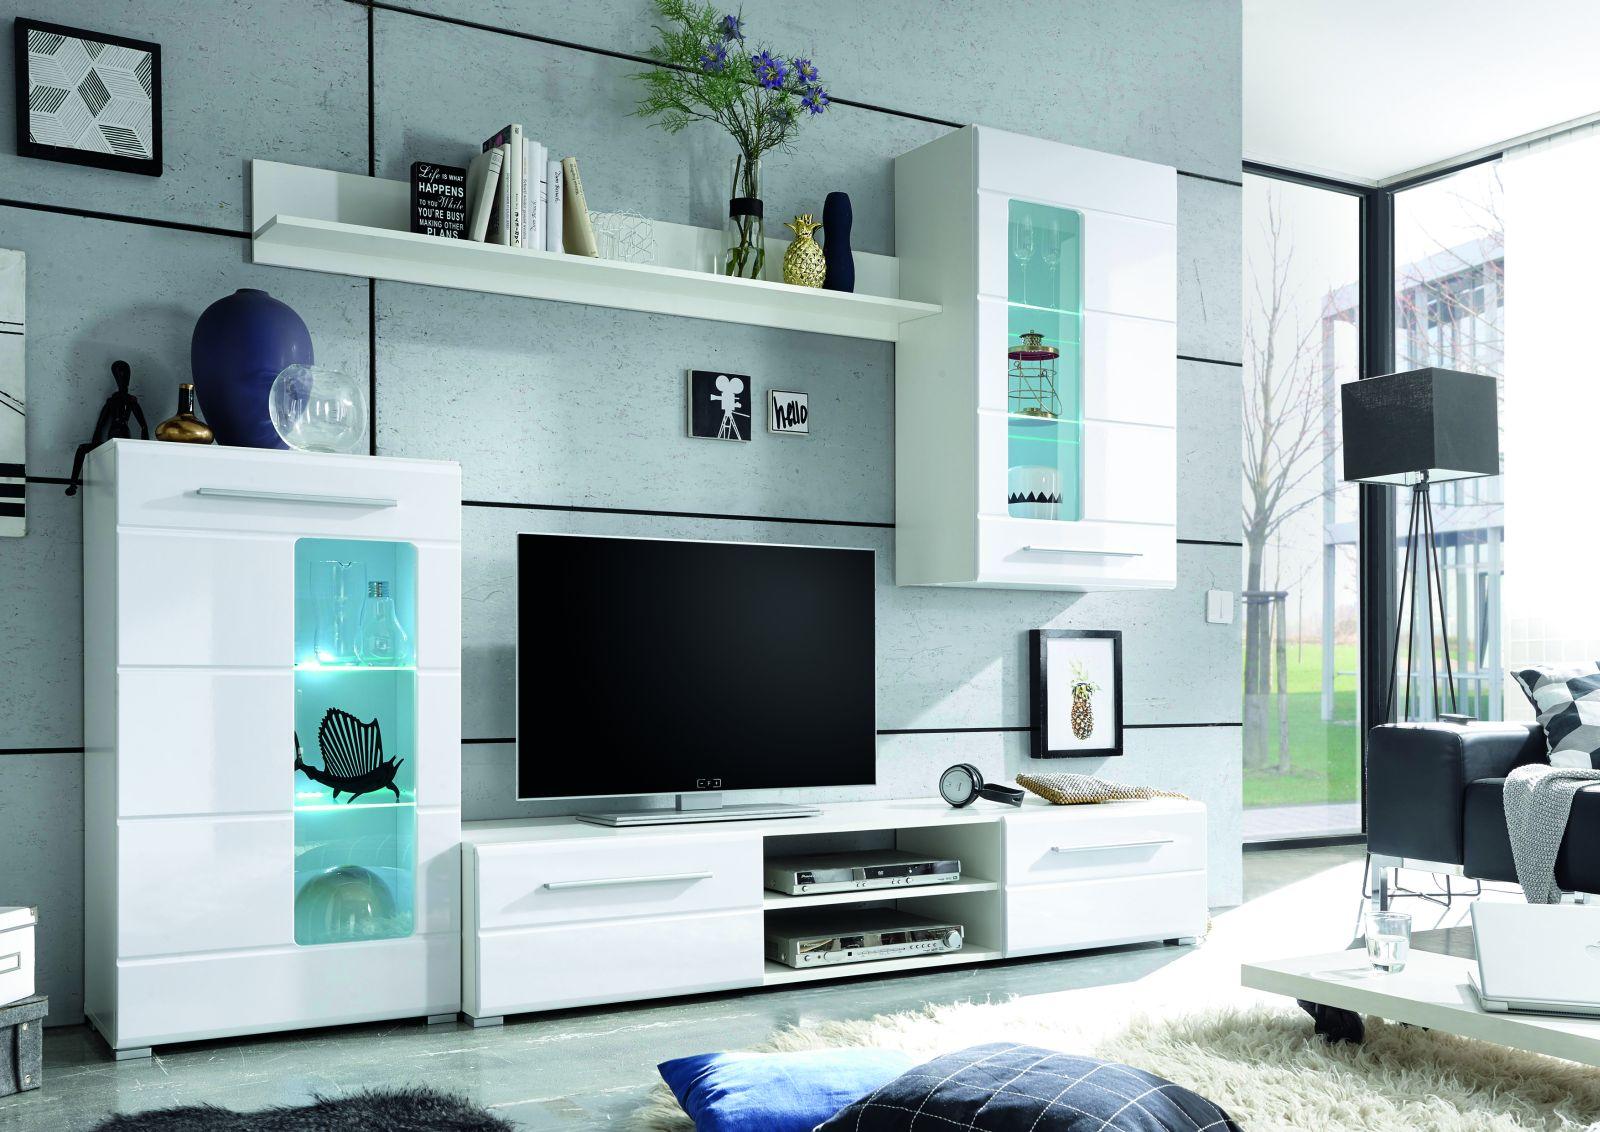 wohnwand enrique wohnw nde wohnzimmer sortiment pack zu m bel sb und k chen discount. Black Bedroom Furniture Sets. Home Design Ideas